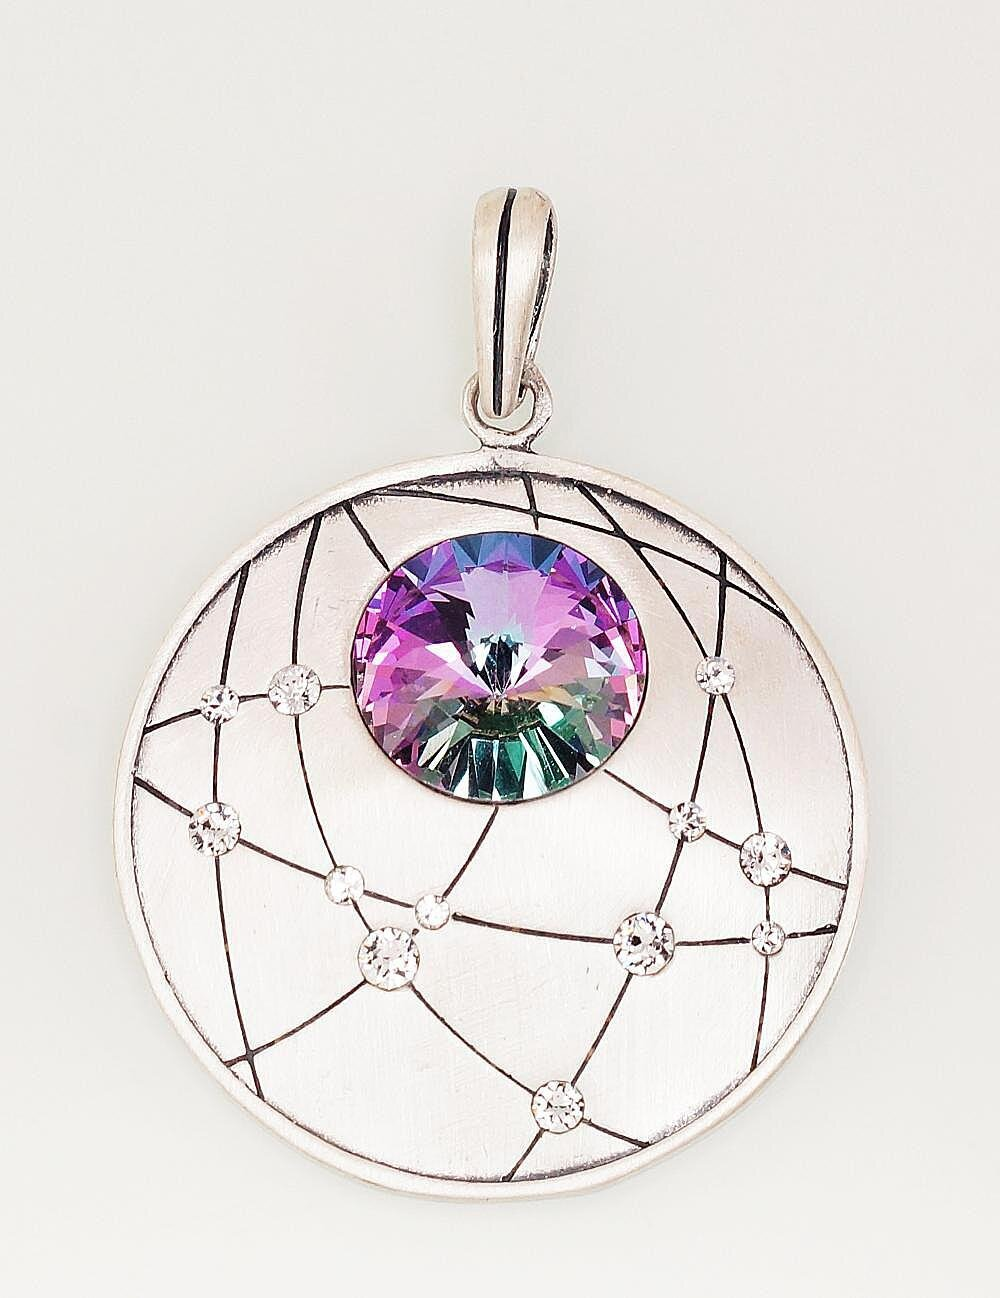 Sidabrinis moteriškas žiedas Modelis ADUM#2301535(Matt+POx-MattBk)_SV+SV-MIXV